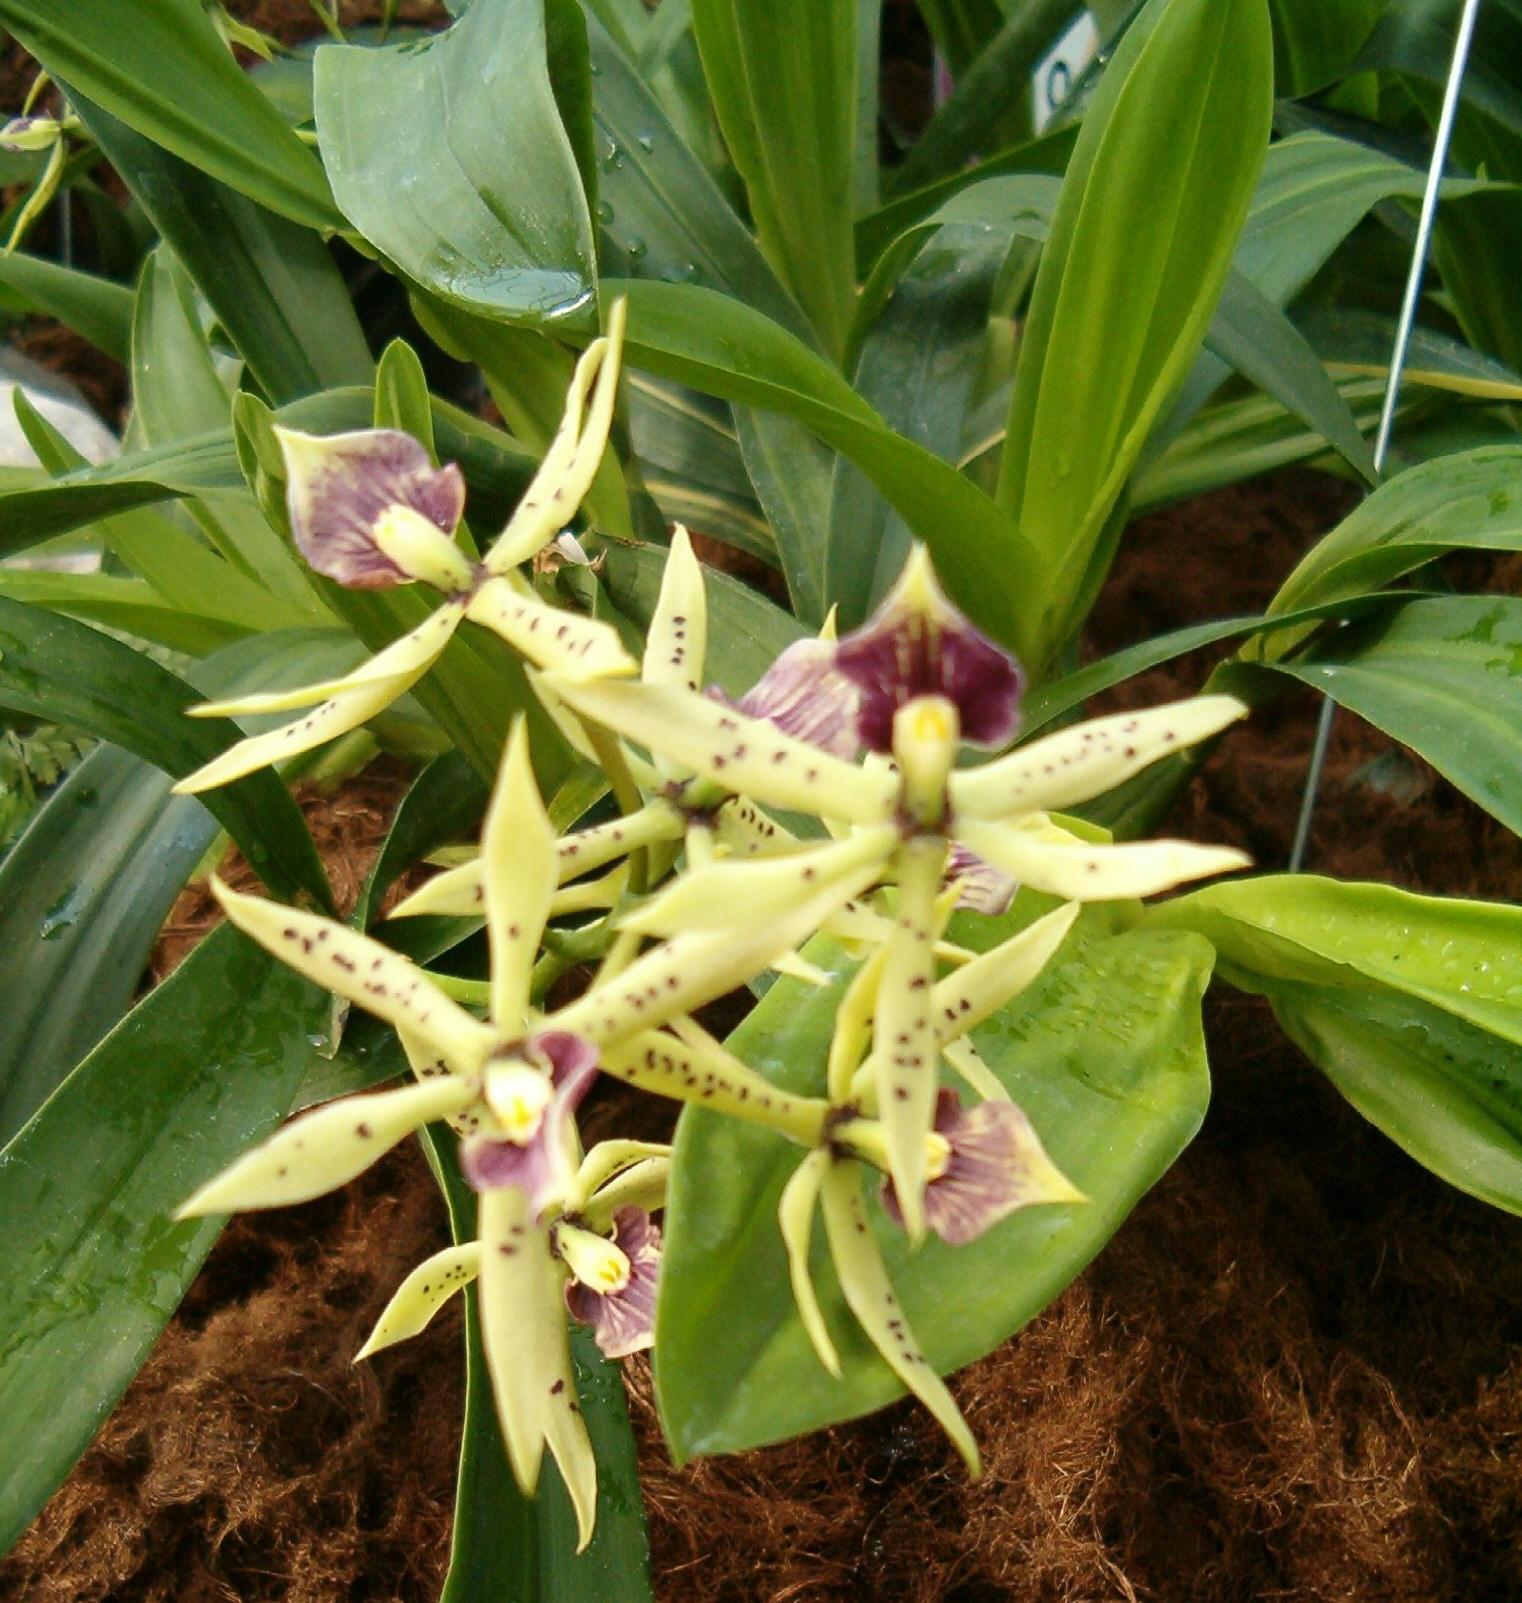 http://upload.wikimedia.org/wikipedia/commons/e/e9/Prosthechea_cochleata_Encyclia_cochleata_OrchidsBln0906c.jpg